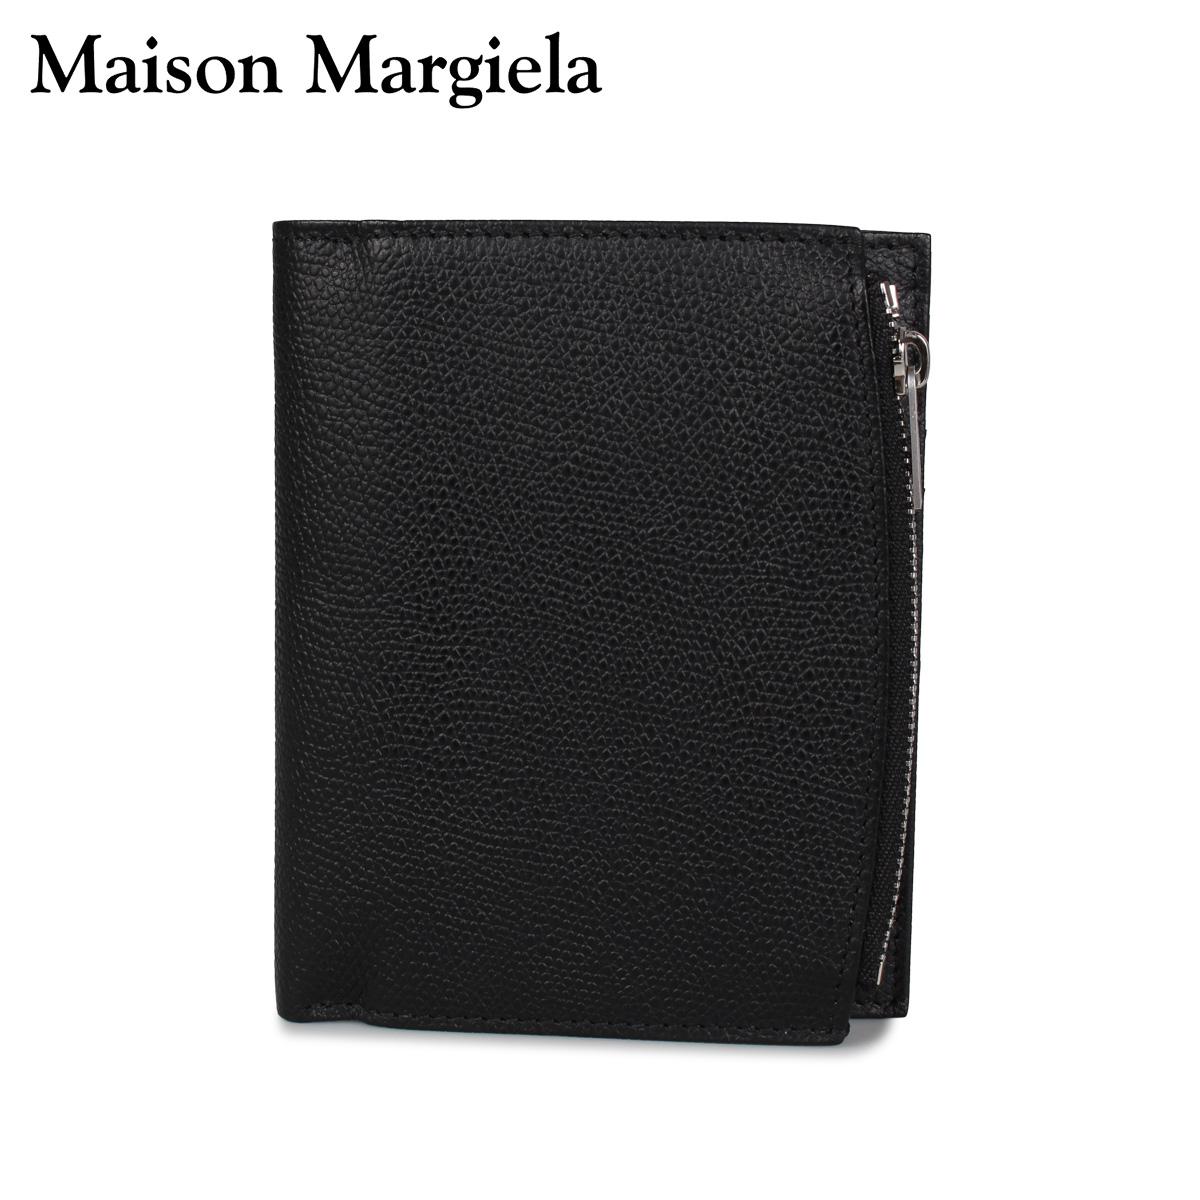 メゾンマルジェラ MAISON MARGIELA 財布 二つ折り メンズ レディース WALLET ブラック 黒 S35UI0437